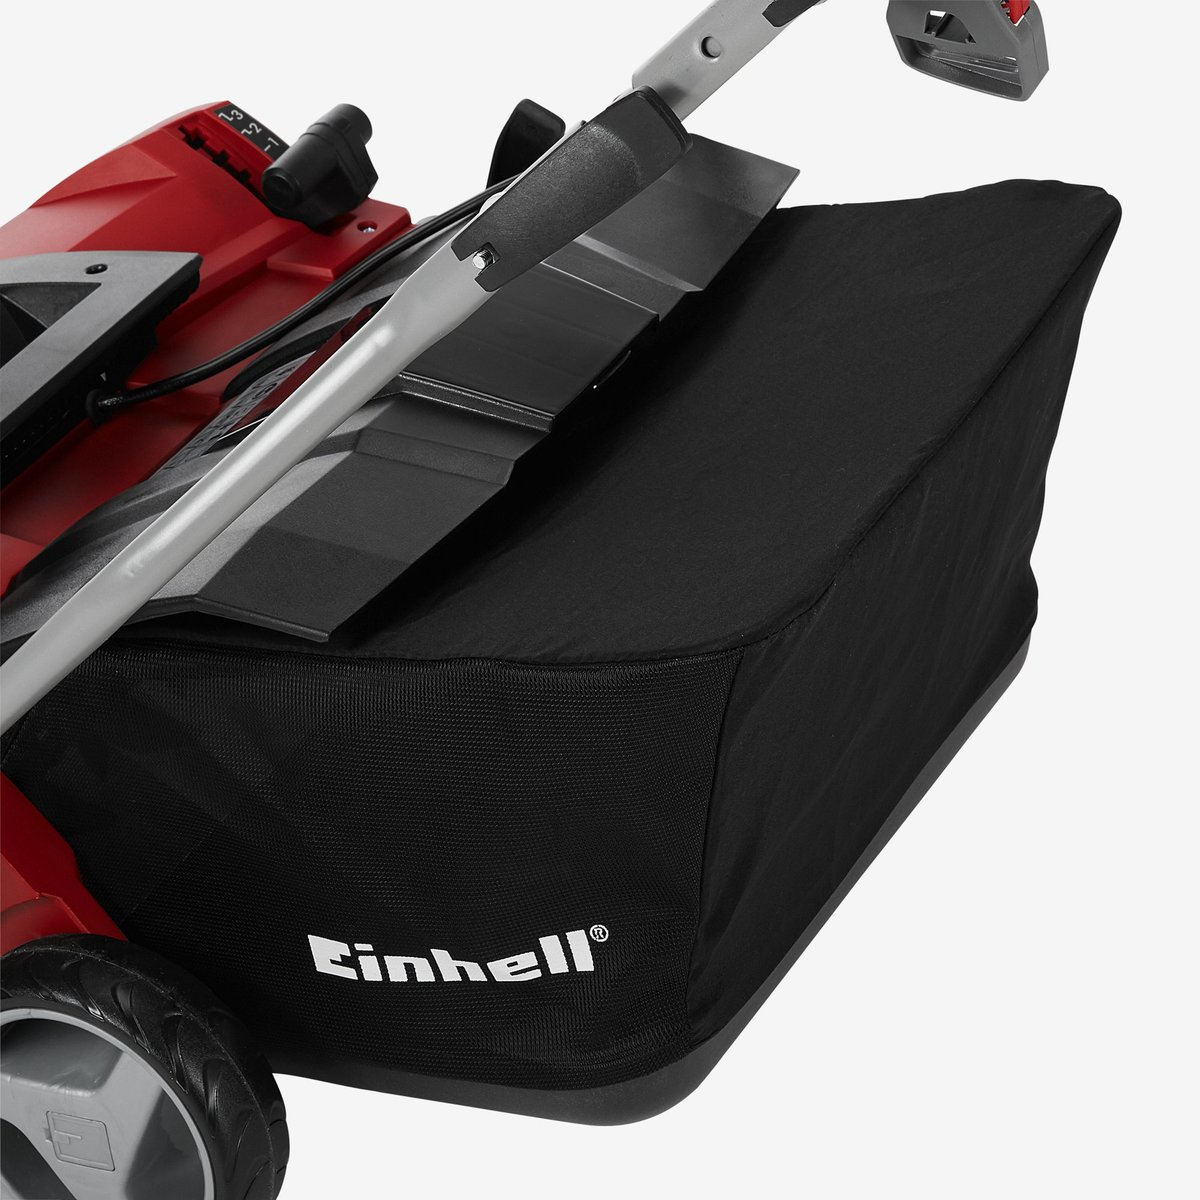 Bild 5 von Einhell -              Einhell Elektro-Vertikutierer 'Expert' GE-SA 1435